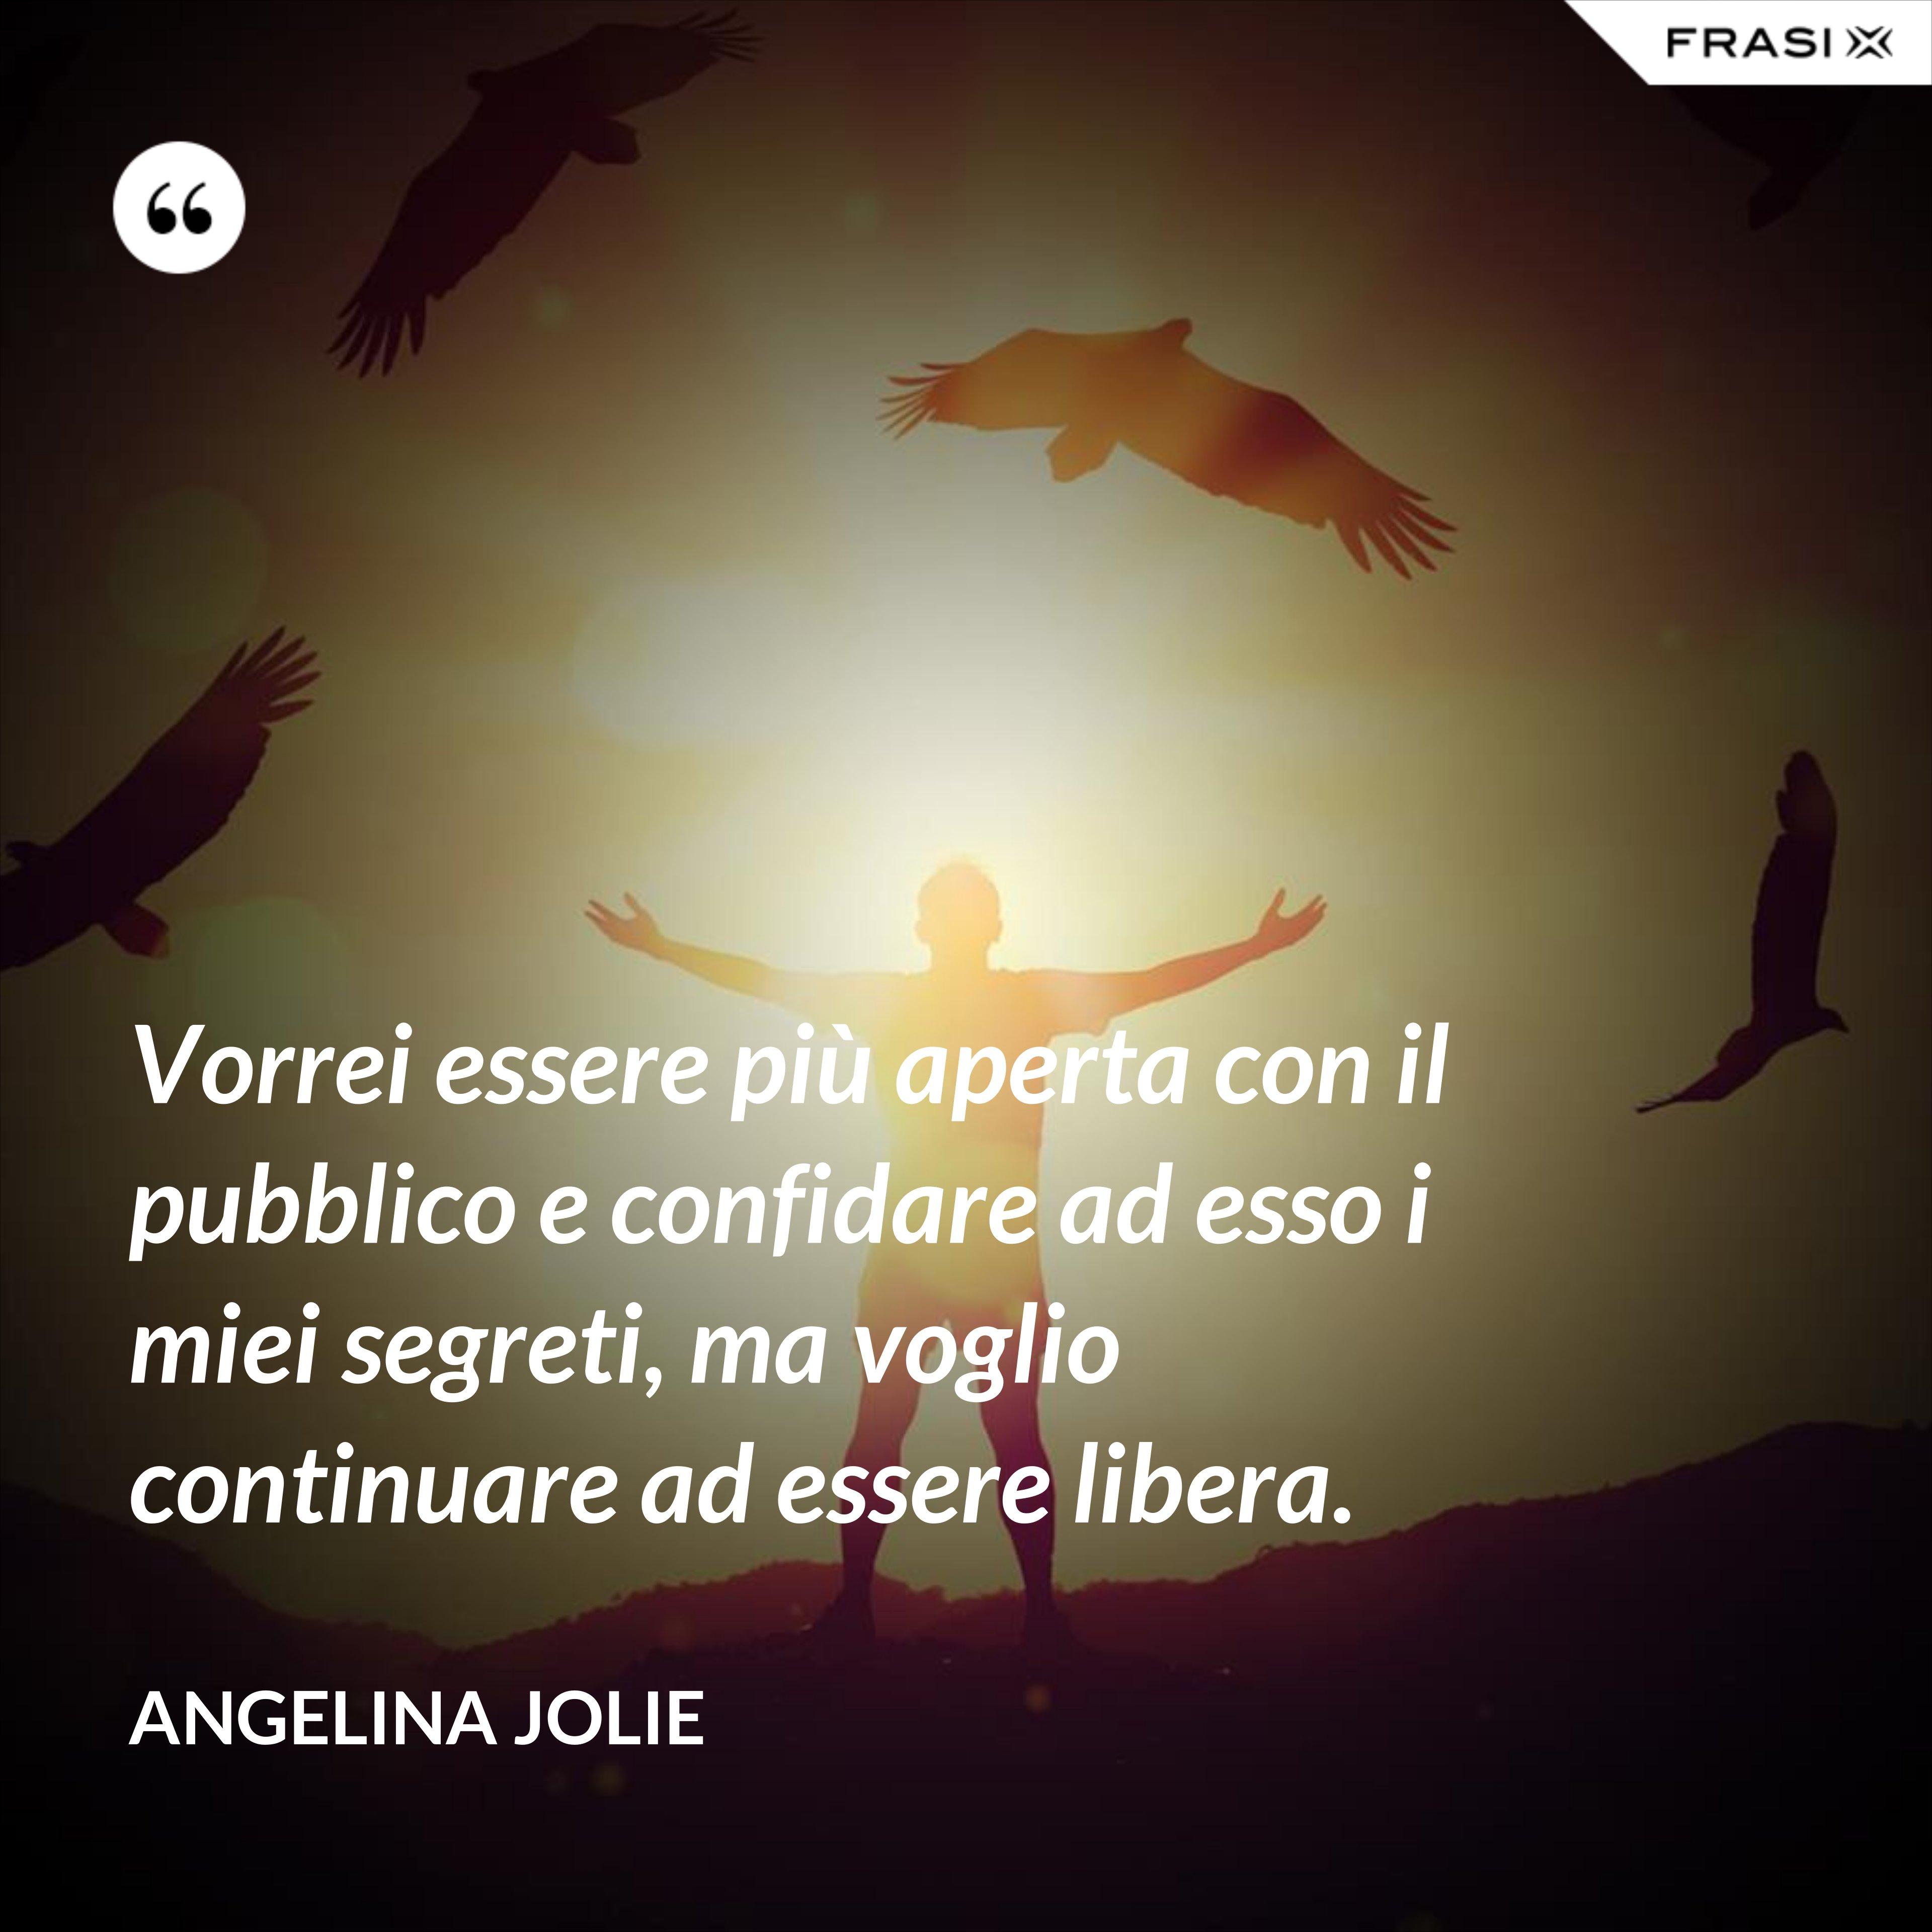 Vorrei essere più aperta con il pubblico e confidare ad esso i miei segreti, ma voglio continuare ad essere libera. - Angelina Jolie